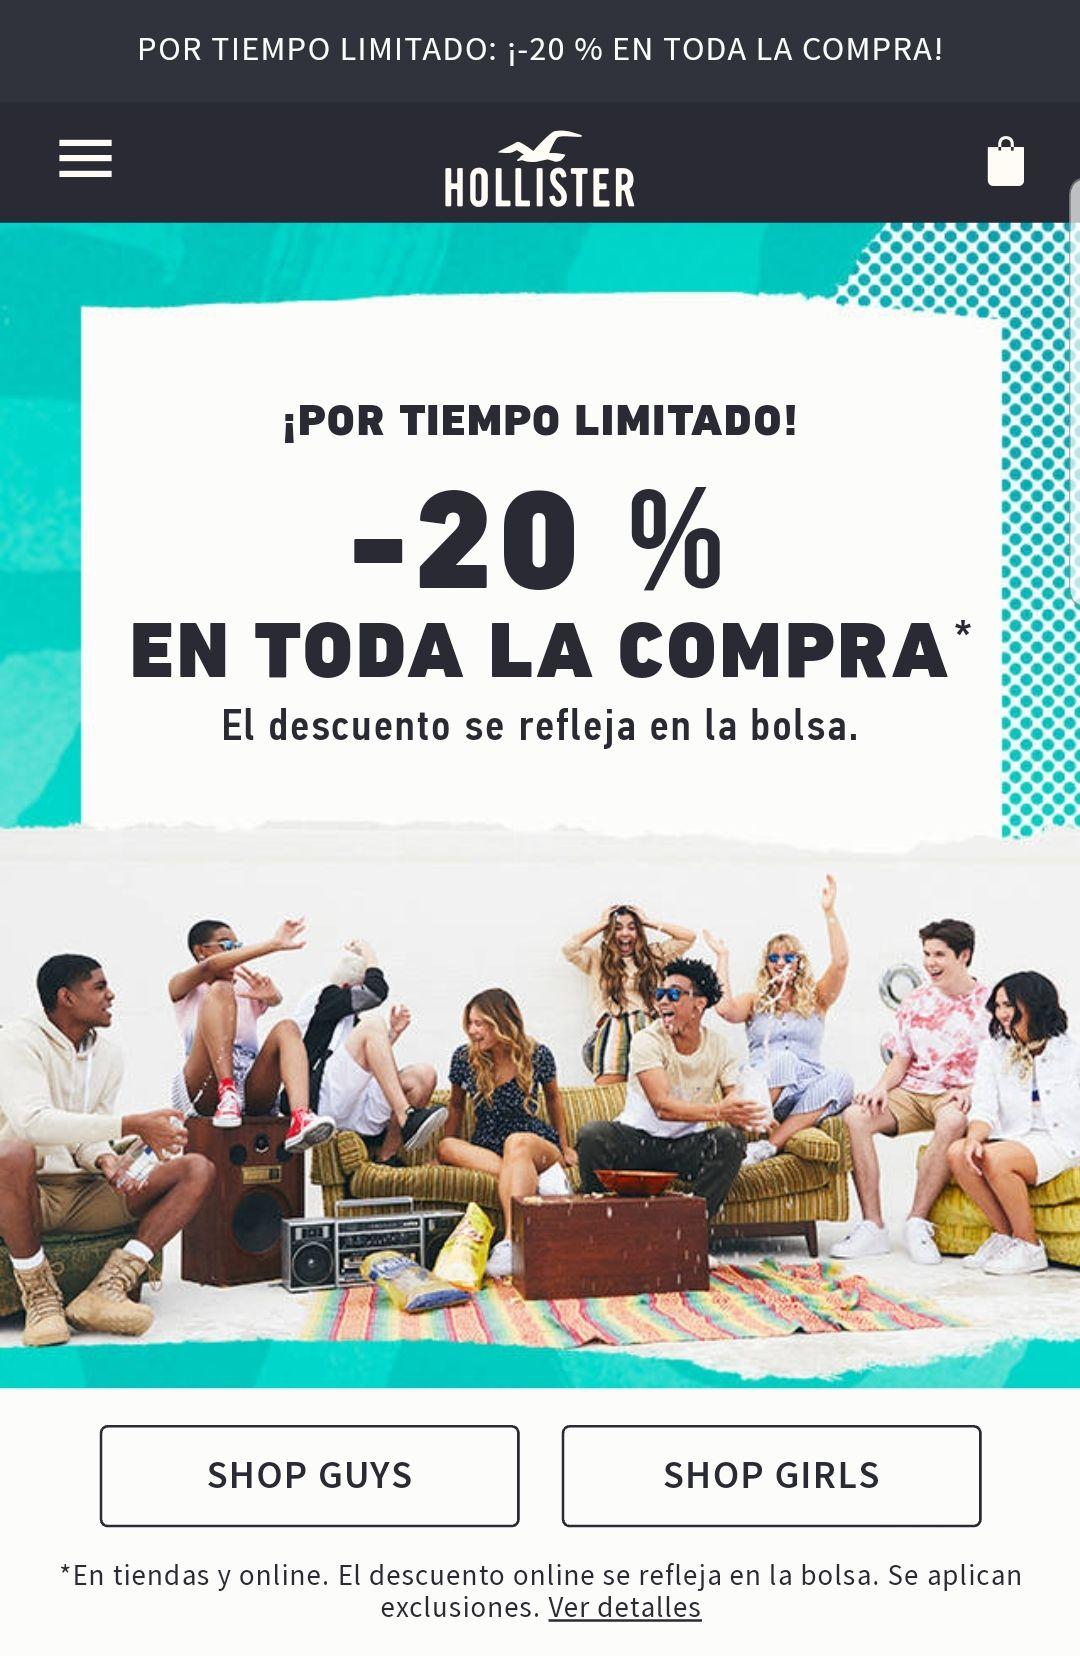 20% Dto Hollister Tienda y Online